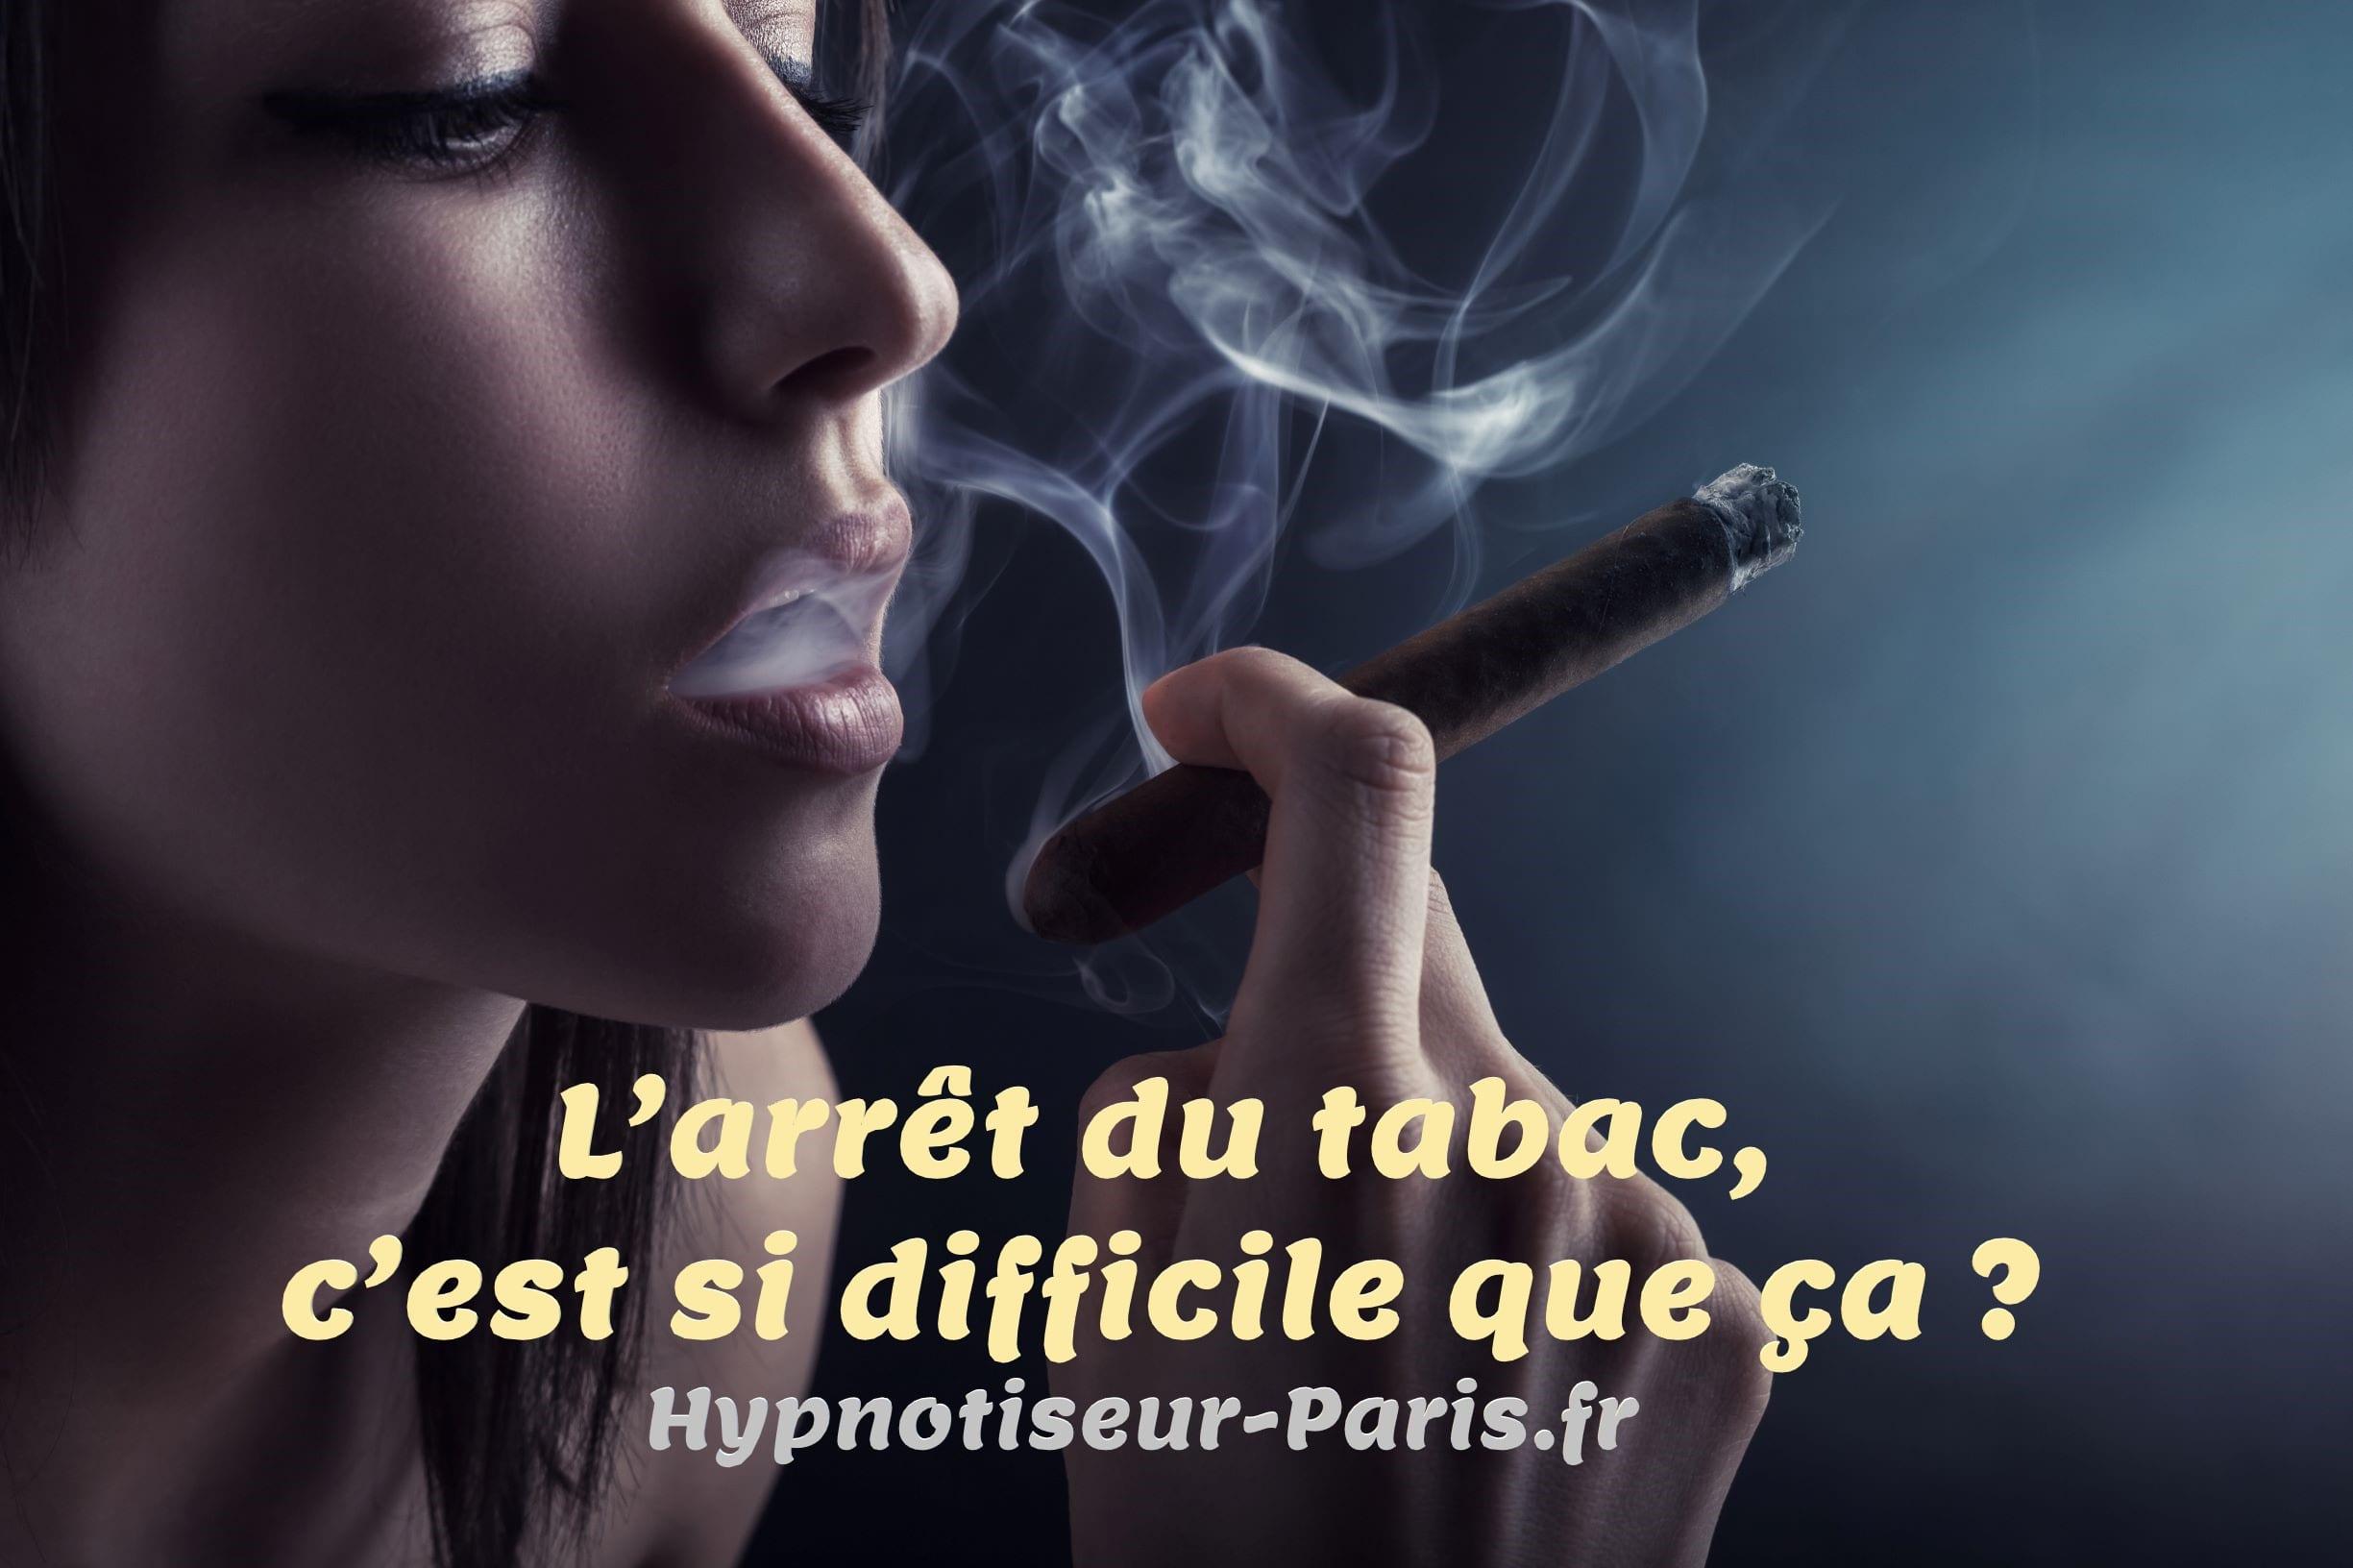 L'arrêt du tabac, c'est si difficile que ça par Laura Duprez - Shaff Ben Amar Hypnose Bourg-La-Reine L'arrêt du tabac à L'Haÿ-les-Roses (94240) , L'arrêt du tabac à Cachan (94230 ) , L'arrêt du tabac à Arcueil (94110 ), L'arrêt du tabac à Bagneux (92220 ) , L'arrêt du tabac à Sceaux (92330 ), L'arrêt du tabac à Fontenay-aux-Roses (92260 ), L'arrêt du tabac à Chevilly-Larue (94550 ) , L'arrêt du tabac s à Châtillon (92320 ), L'arrêt du tabac à Fresnes (94260 ), L'arrêt du tabac au Plessis-Robinson (92350 ) , L'arrêt du tabac à Montrouge (92120 ) , L'arrêt du tabac à Antony (92160 ), L'arrêt du tabac à Gentilly (94250 ), L'arrêt du tabac à Malakoff (92240 ), L'arrêt du tabac à Villejuif (94800 ) , L'arrêt du tabac à Clamart (92140 ), L'arrêt du tabac à Châtenay-Malabry (92290 ), L'arrêt du tabac à Rungis (94150 ) , L'arrêt du tabac au Kremlin-Bicêtre (94270), L'arrêt du tabac à Paris (75), L'arrêt du tabac en Île de France , L'arrêt du tabac à Paris (75000) , L'arrêt du tabac à Boulogne-Billancourt (92100) , L'arrêt du tabac à Saint-Denis (93200) , L'arrêt du tabac à Argenteuil (95100) , L'arrêt du tabac à Montreuil (93100) , L'arrêt du tabac à Créteil (94000) , L'arrêt du tabac à Nanterre (92000) , L'arrêt du tabac à Courbevoie (92400) , L'arrêt du tabac à Versailles (78000) , L'arrêt du tabac à Vitry-sur-Seine (94400) , L'arrêt du tabac à Colombes (92700) , L'arrêt du tabac à Asnières-sur-Seine (92600) , L'arrêt du tabac à Aulnay-sous-Bois (93600) , L'arrêt du tabac à Rueil-Malmaison (92500) , L'arrêt du tabac à Aubervilliers (93300) , L'arrêt du tabac à Champigny-sur-Marne (94500) , L'arrêt du tabac à Saint-Maur-des-Fossés (94100) , L'arrêt du tabac à Drancy (93700) , L'arrêt du tabac à Issy-les-Moulineaux (92130) , L'arrêt du tabac à Levallois-Perret (92300) , L'arrêt du tabac à Noisy-le-Grand (93160) , L'arrêt du tabac à Antony (92160) , L'arrêt du tabac à Neuilly-sur-Seine (92200) , L'arrêt du tabac à Clichy (92110) , L'arrêt du tabac à Sarcelles (95200) , L'arr